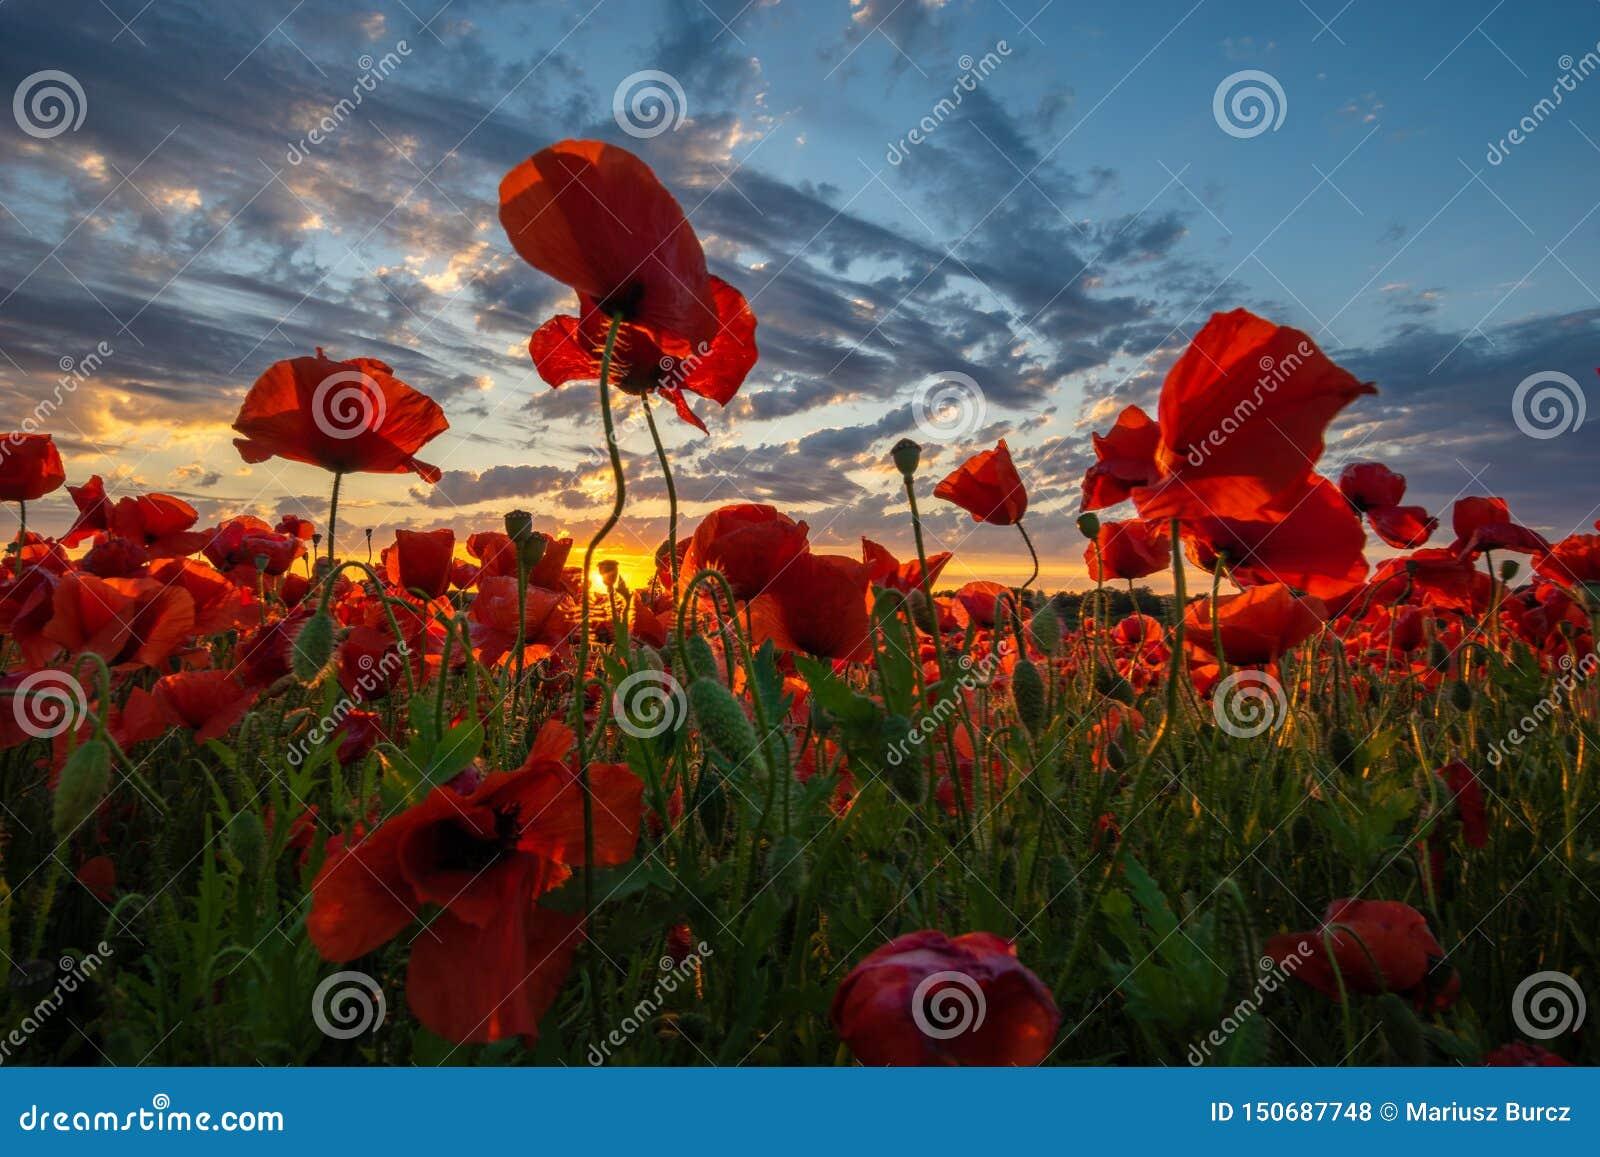 Panorama de un campo de amapolas rojas